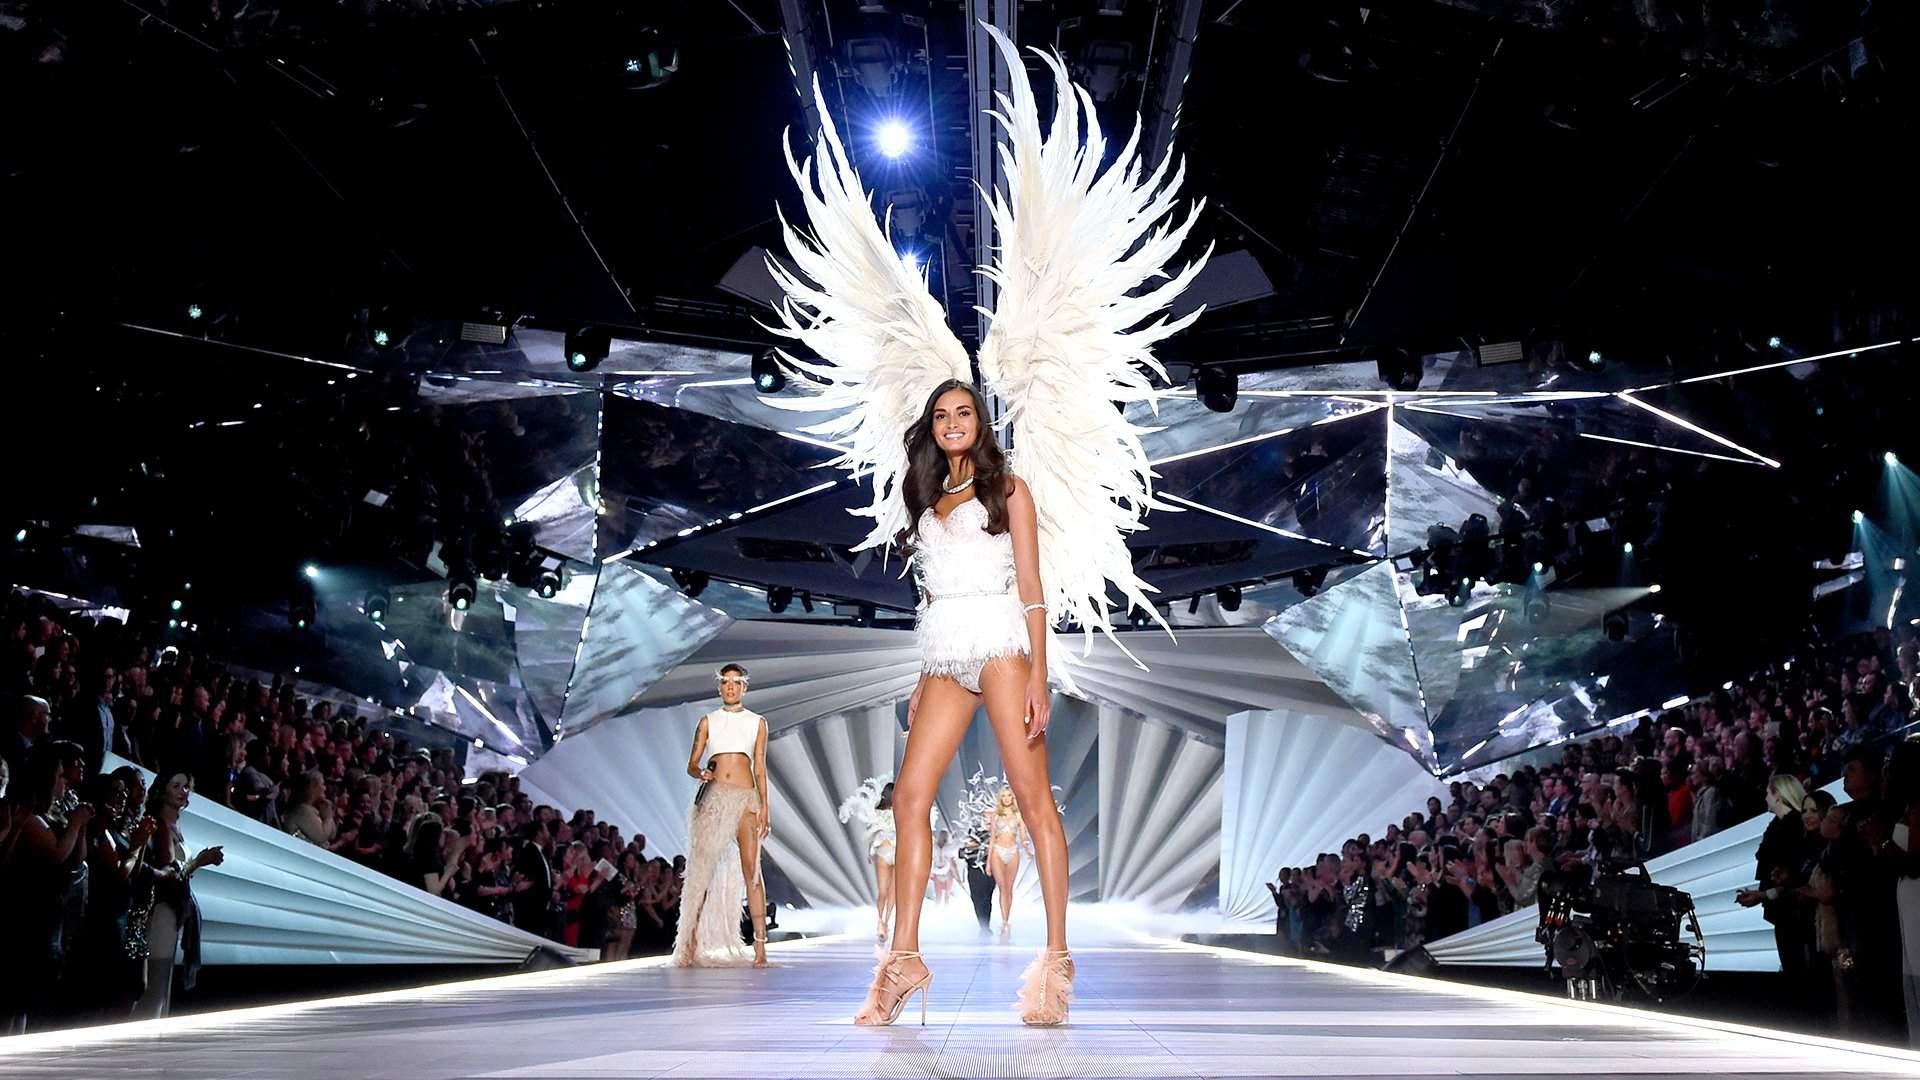 521aefa4cd880 Крылатую хотели: модели Victoria's Secret начали раздражать феминисток |  Статьи | Известия